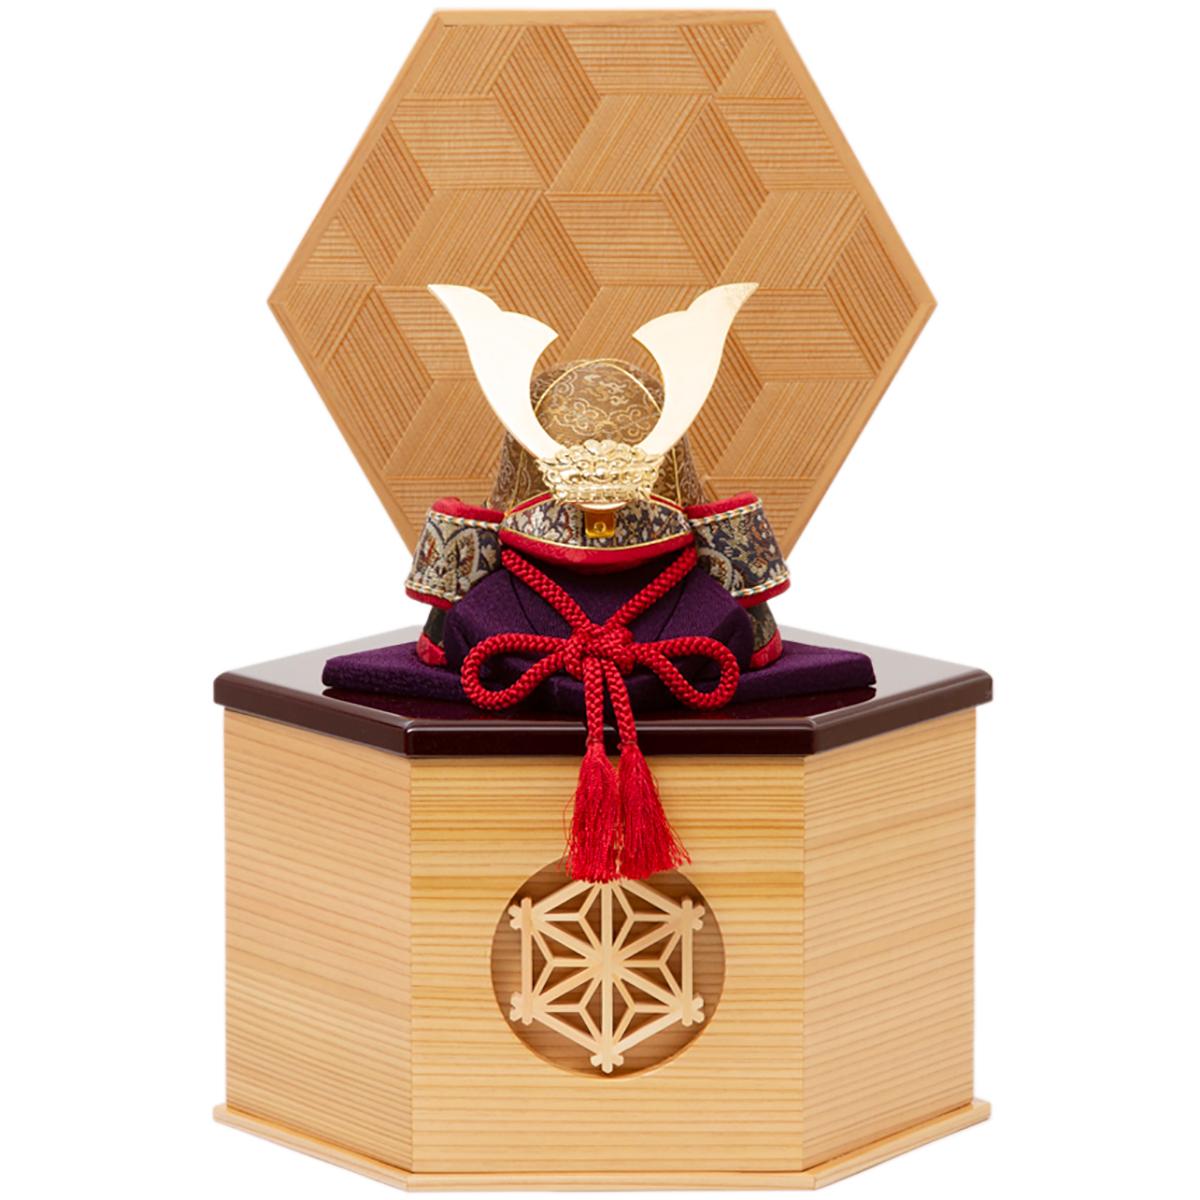 「シンプル・コンパクトを極めたい」なら、《六角形・小》6つの日本伝統工芸をコンパクトにした、木目込の「プレミアム兜飾り」| 宝輝 | 柿沼人形